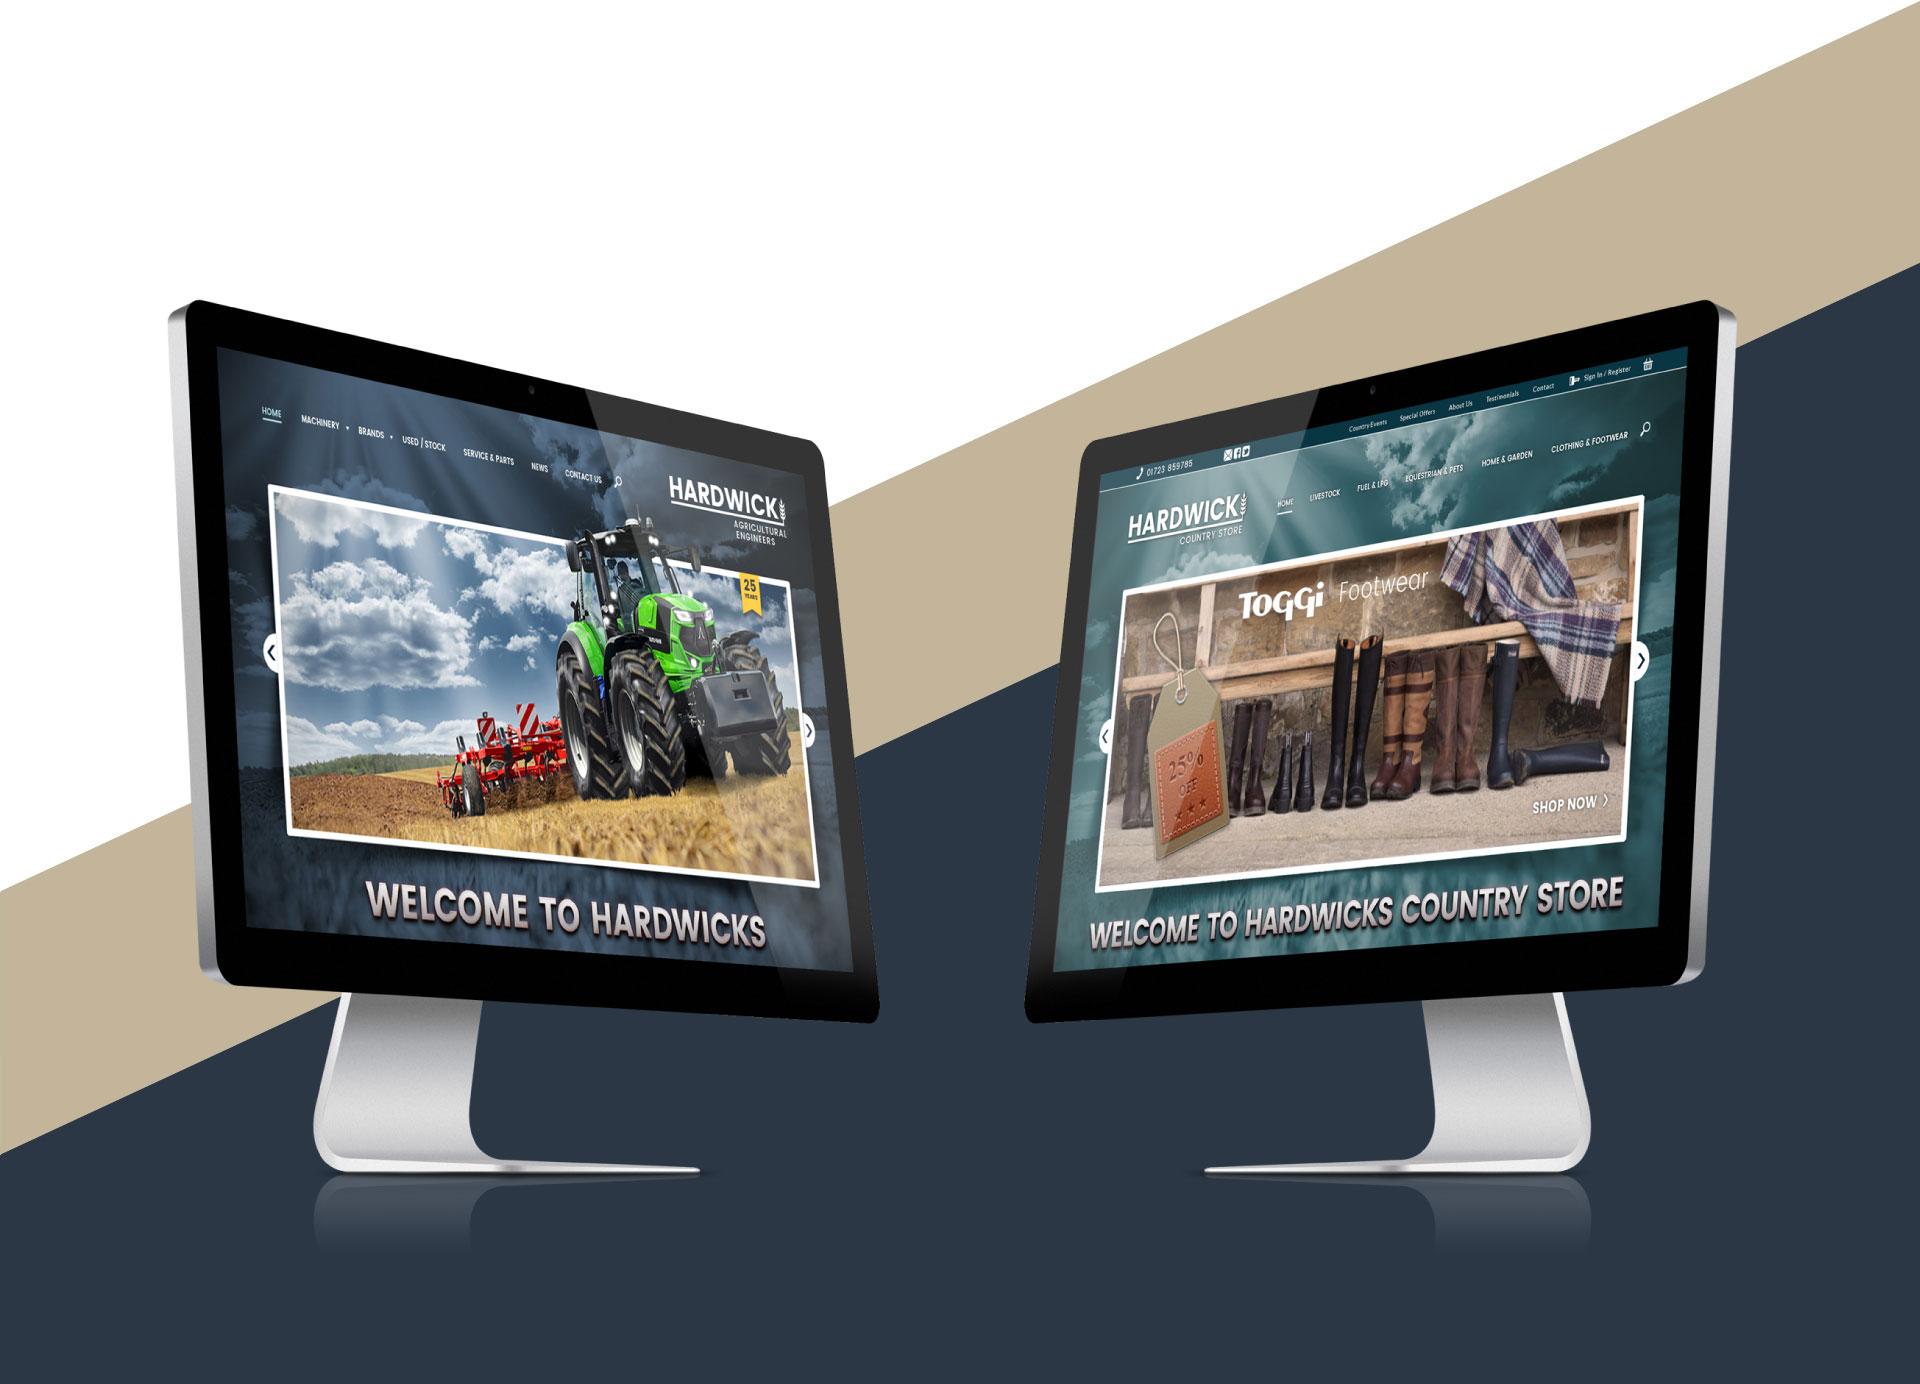 hardwick websites